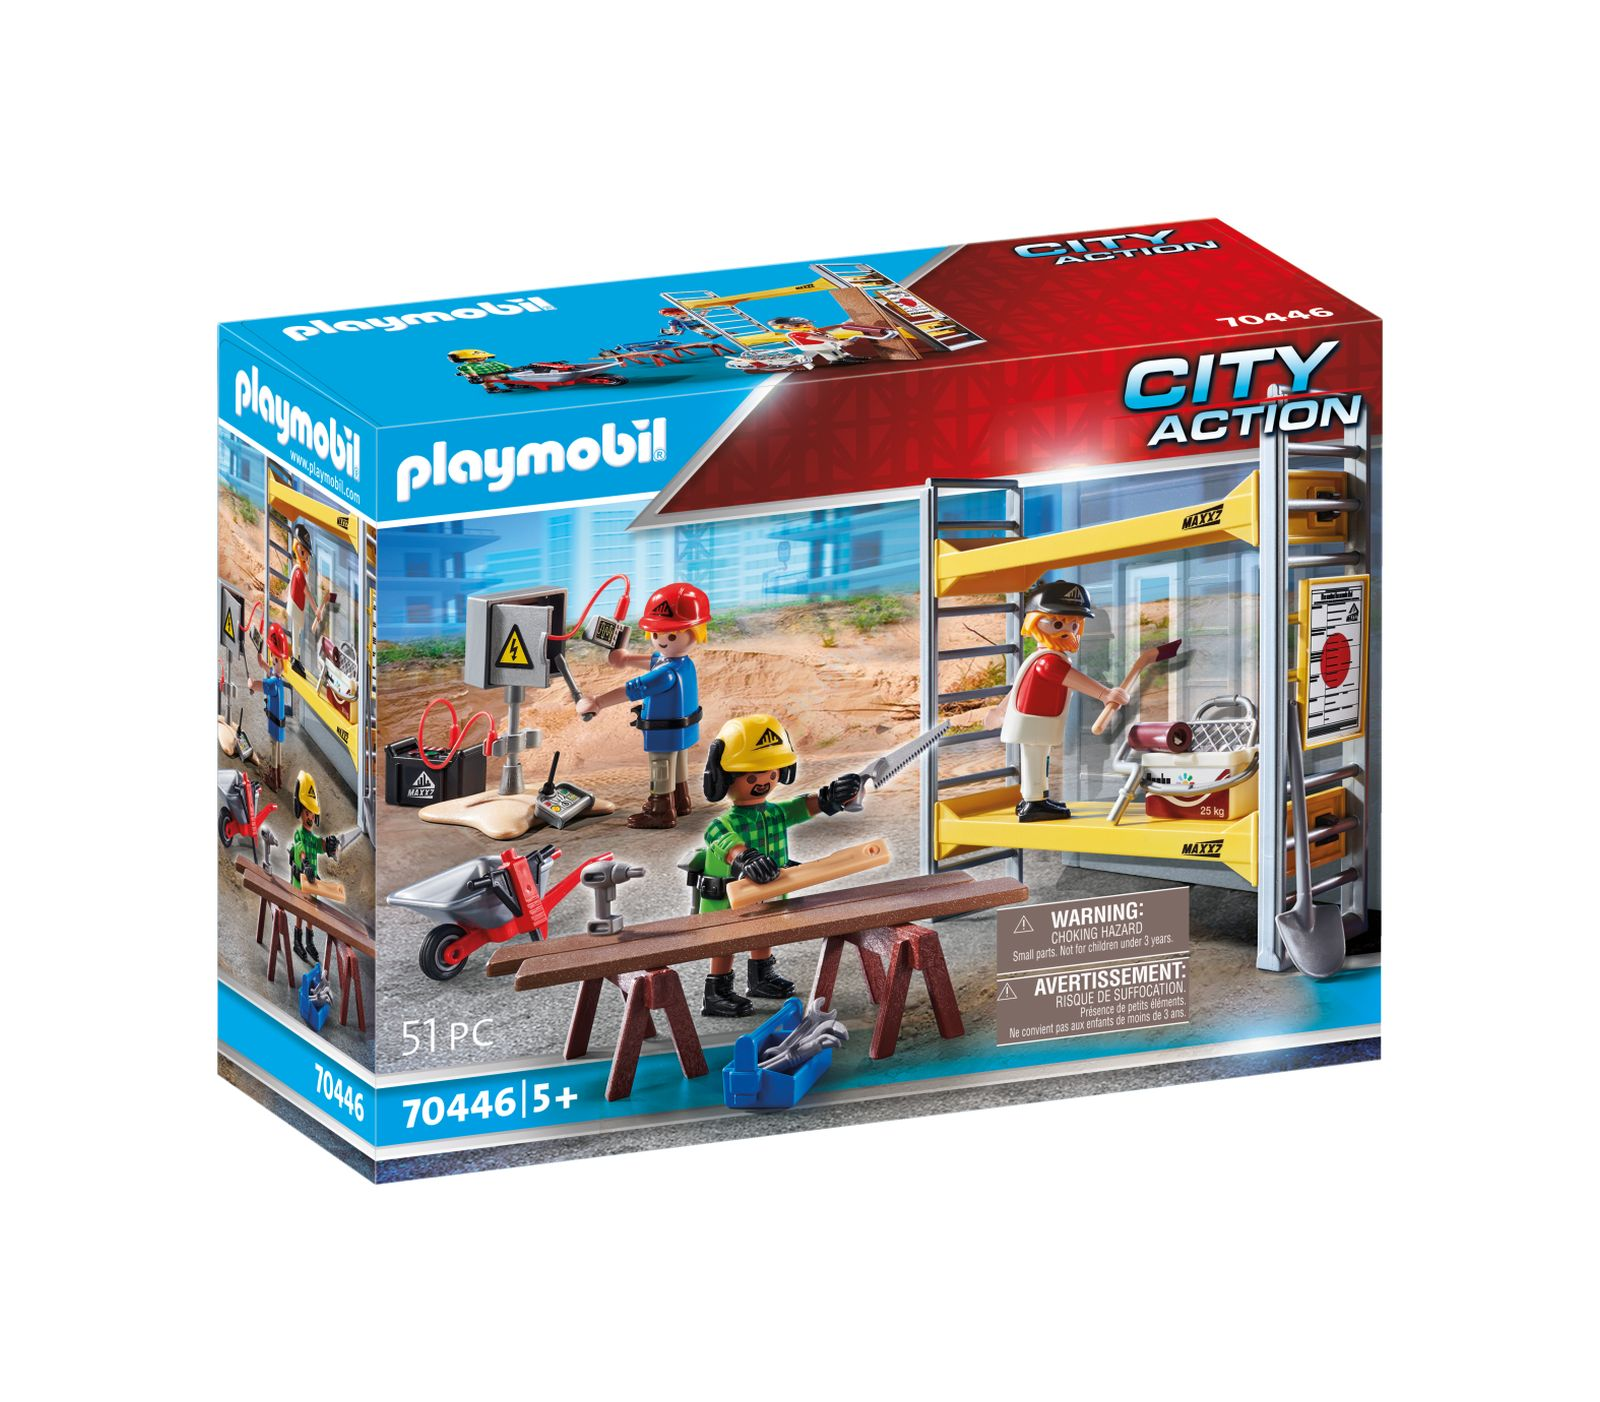 Operai edili al lavoro numero di articolo: 70446 - Playmobil